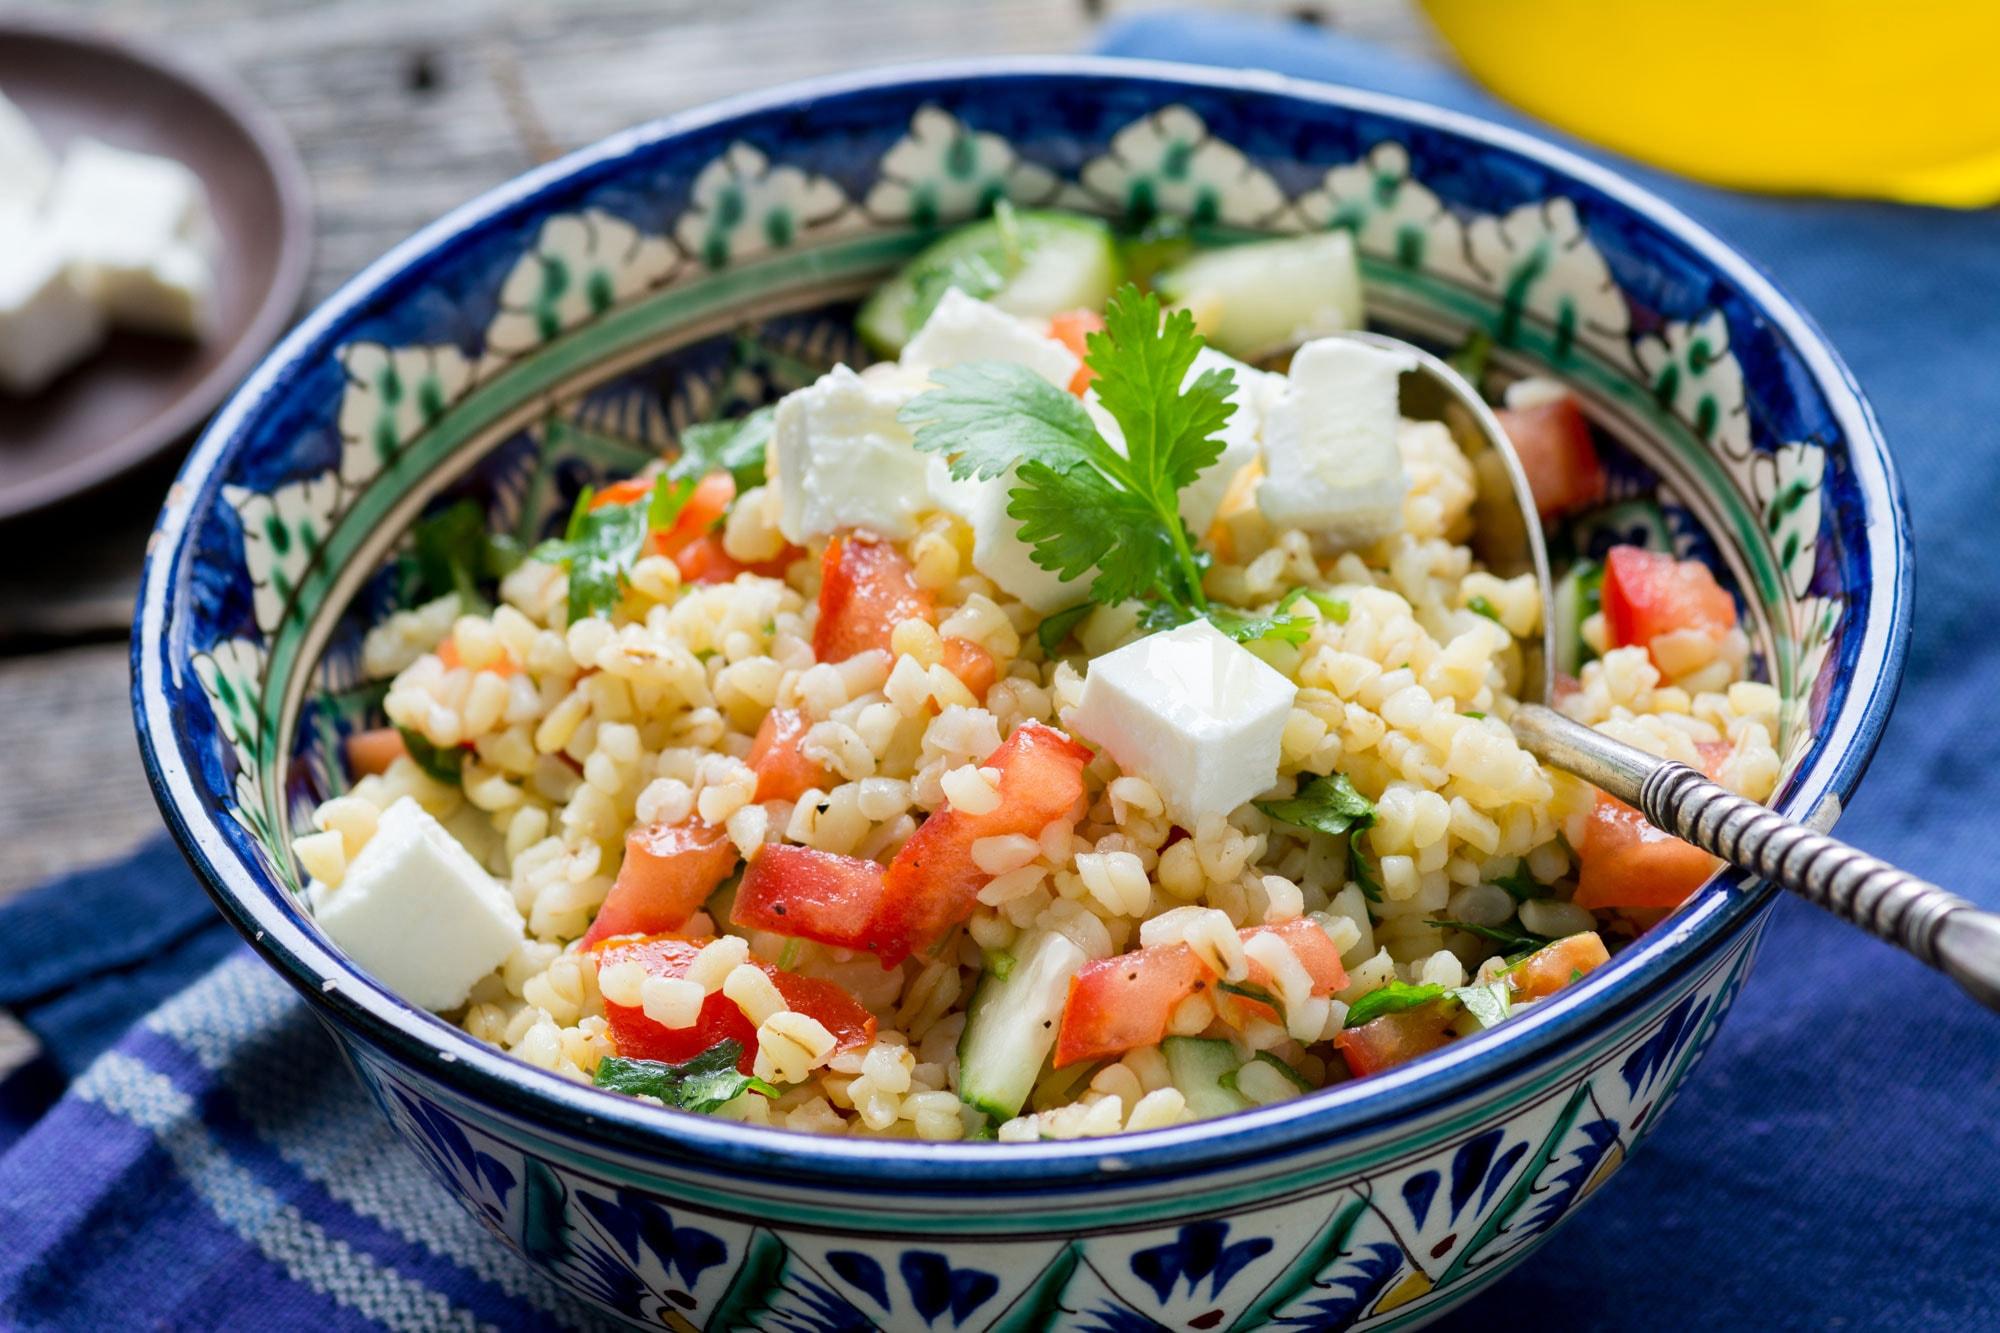 egészséges fogyókúrás étkezés olcsó szokatlan súlycsökkenési tünetek